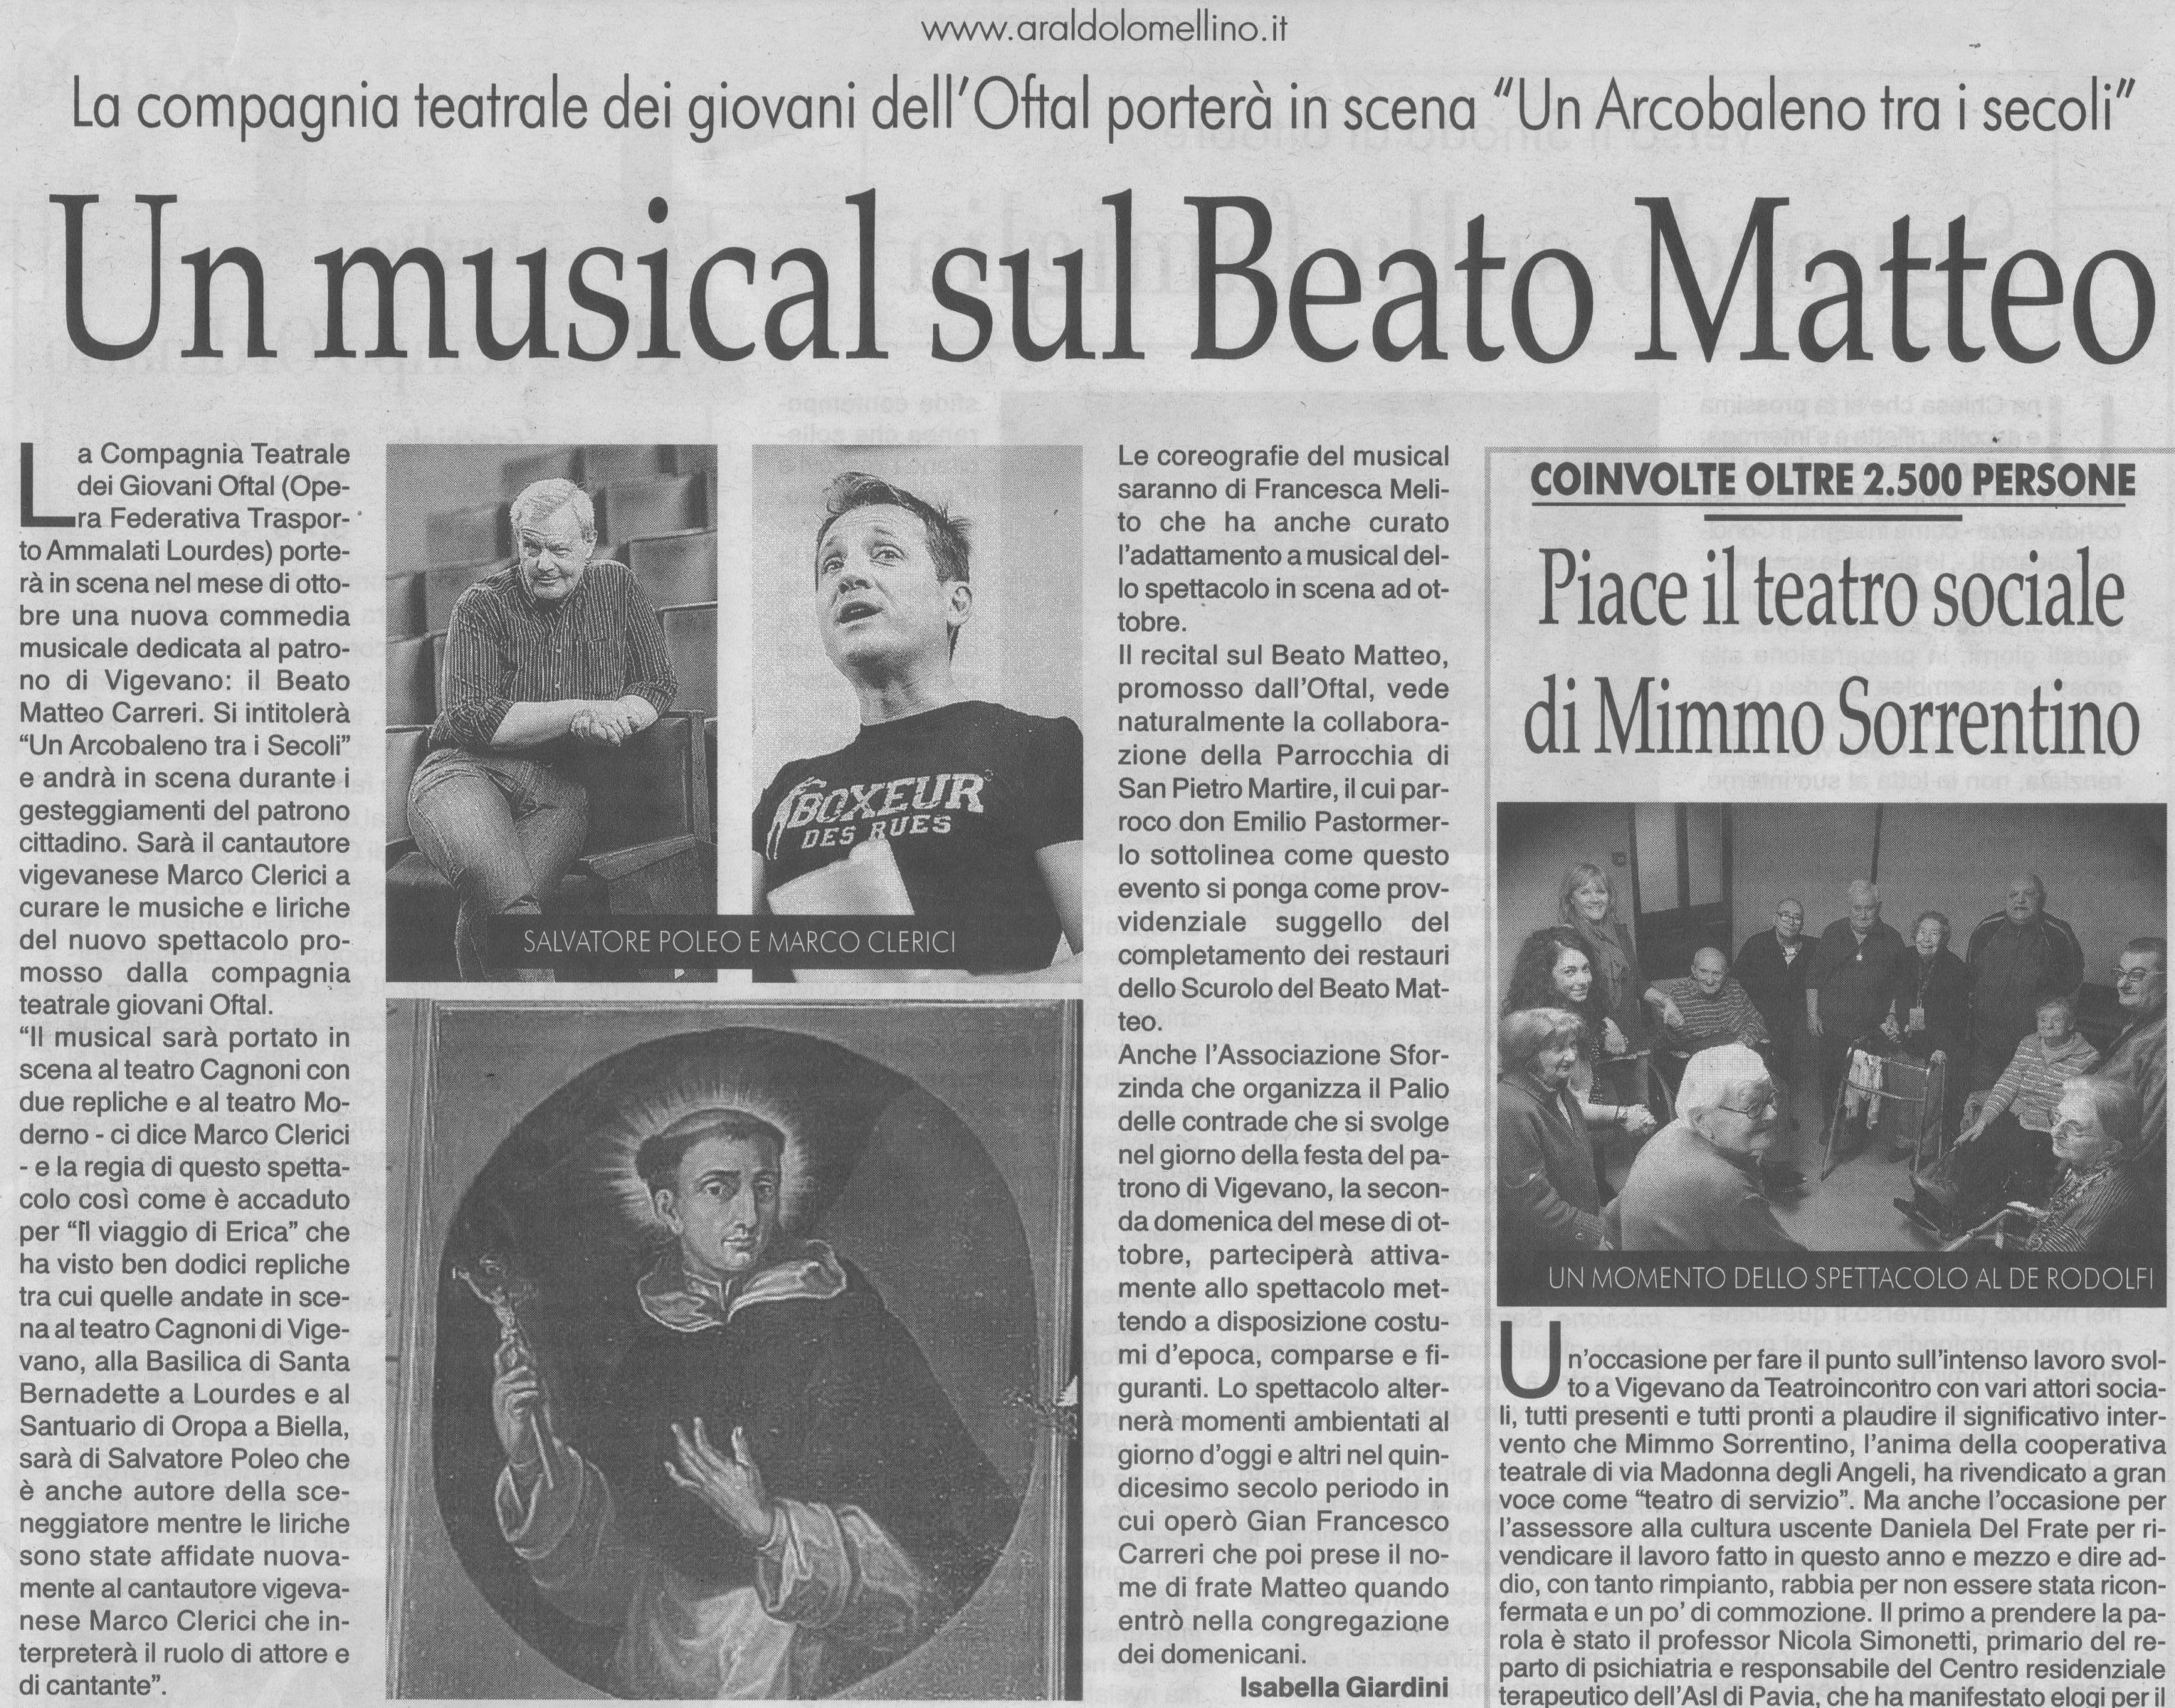 Beato Matteo Carreri - Il nuovo musical